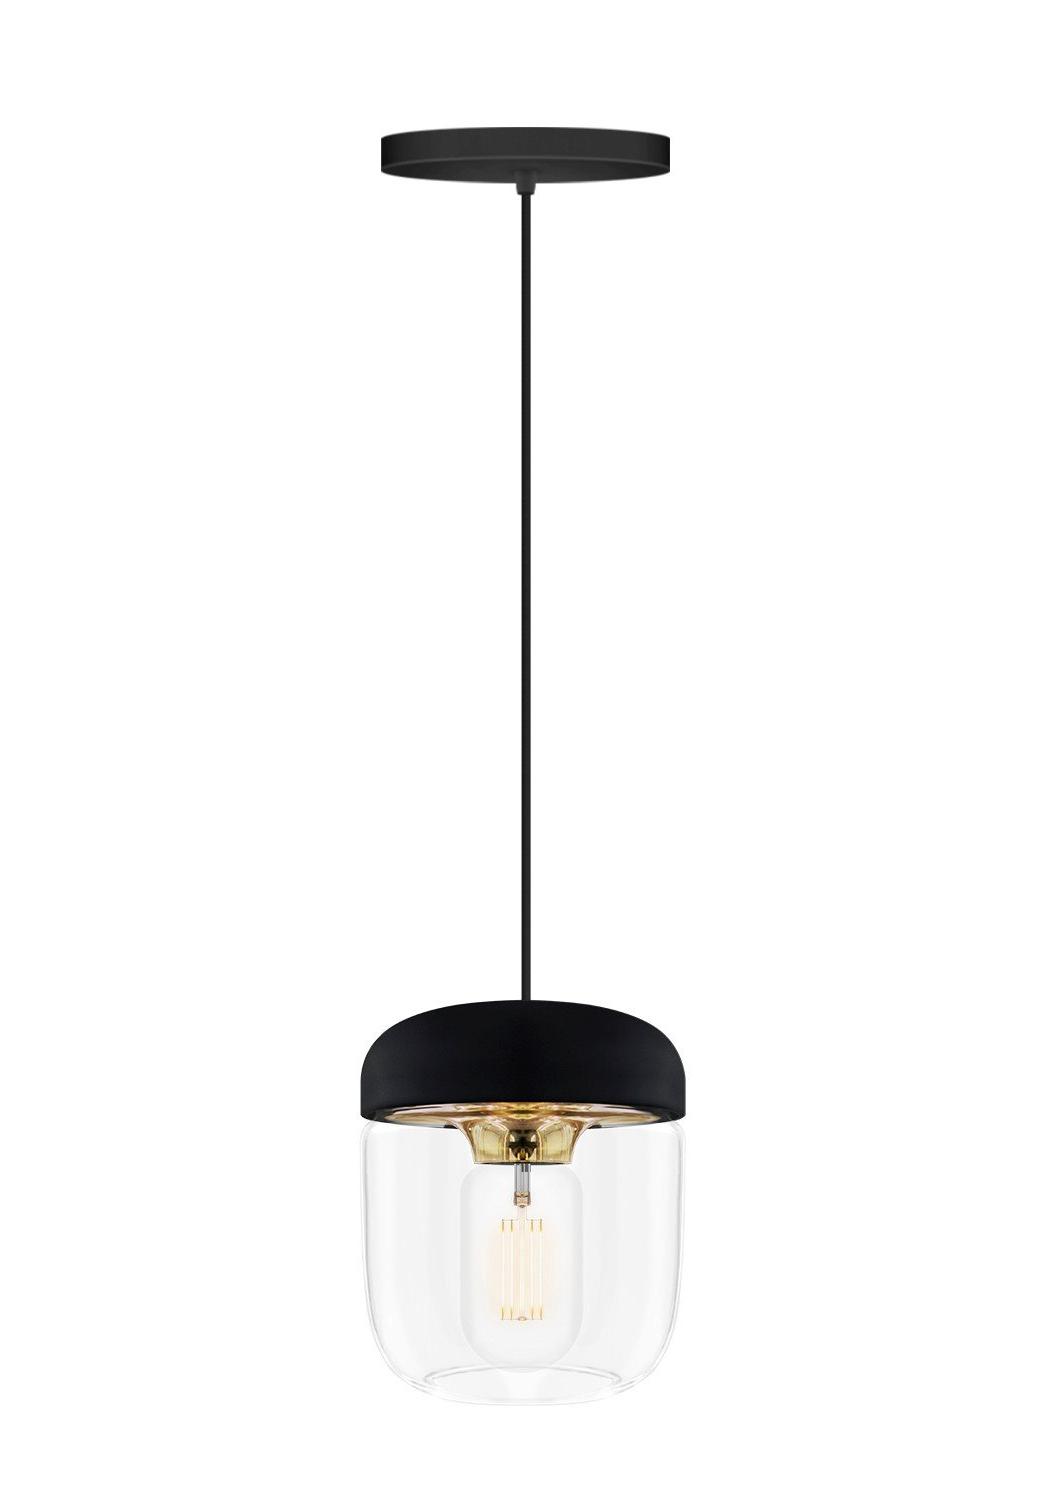 Preferred Burslem 3 Light Single Drum Pendants For Hisako 1 Light Bulb Pendant (View 16 of 20)